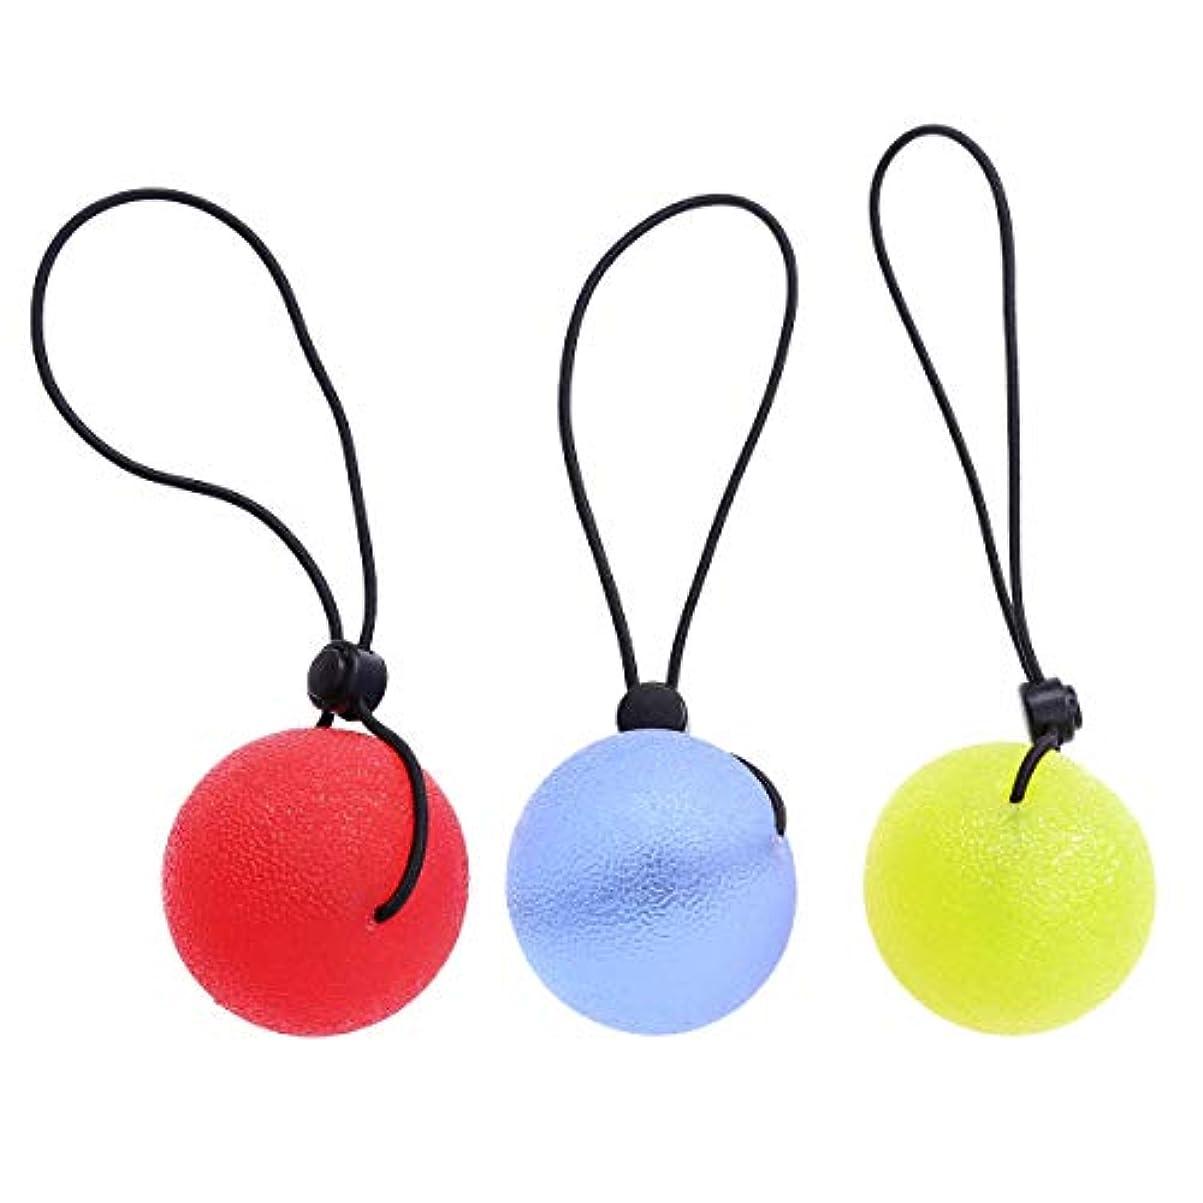 店員シルク商業のSUPVOX 3個シリコーングリップボールハンドエクササイズボールハンドセラピー強化剤トレーナー